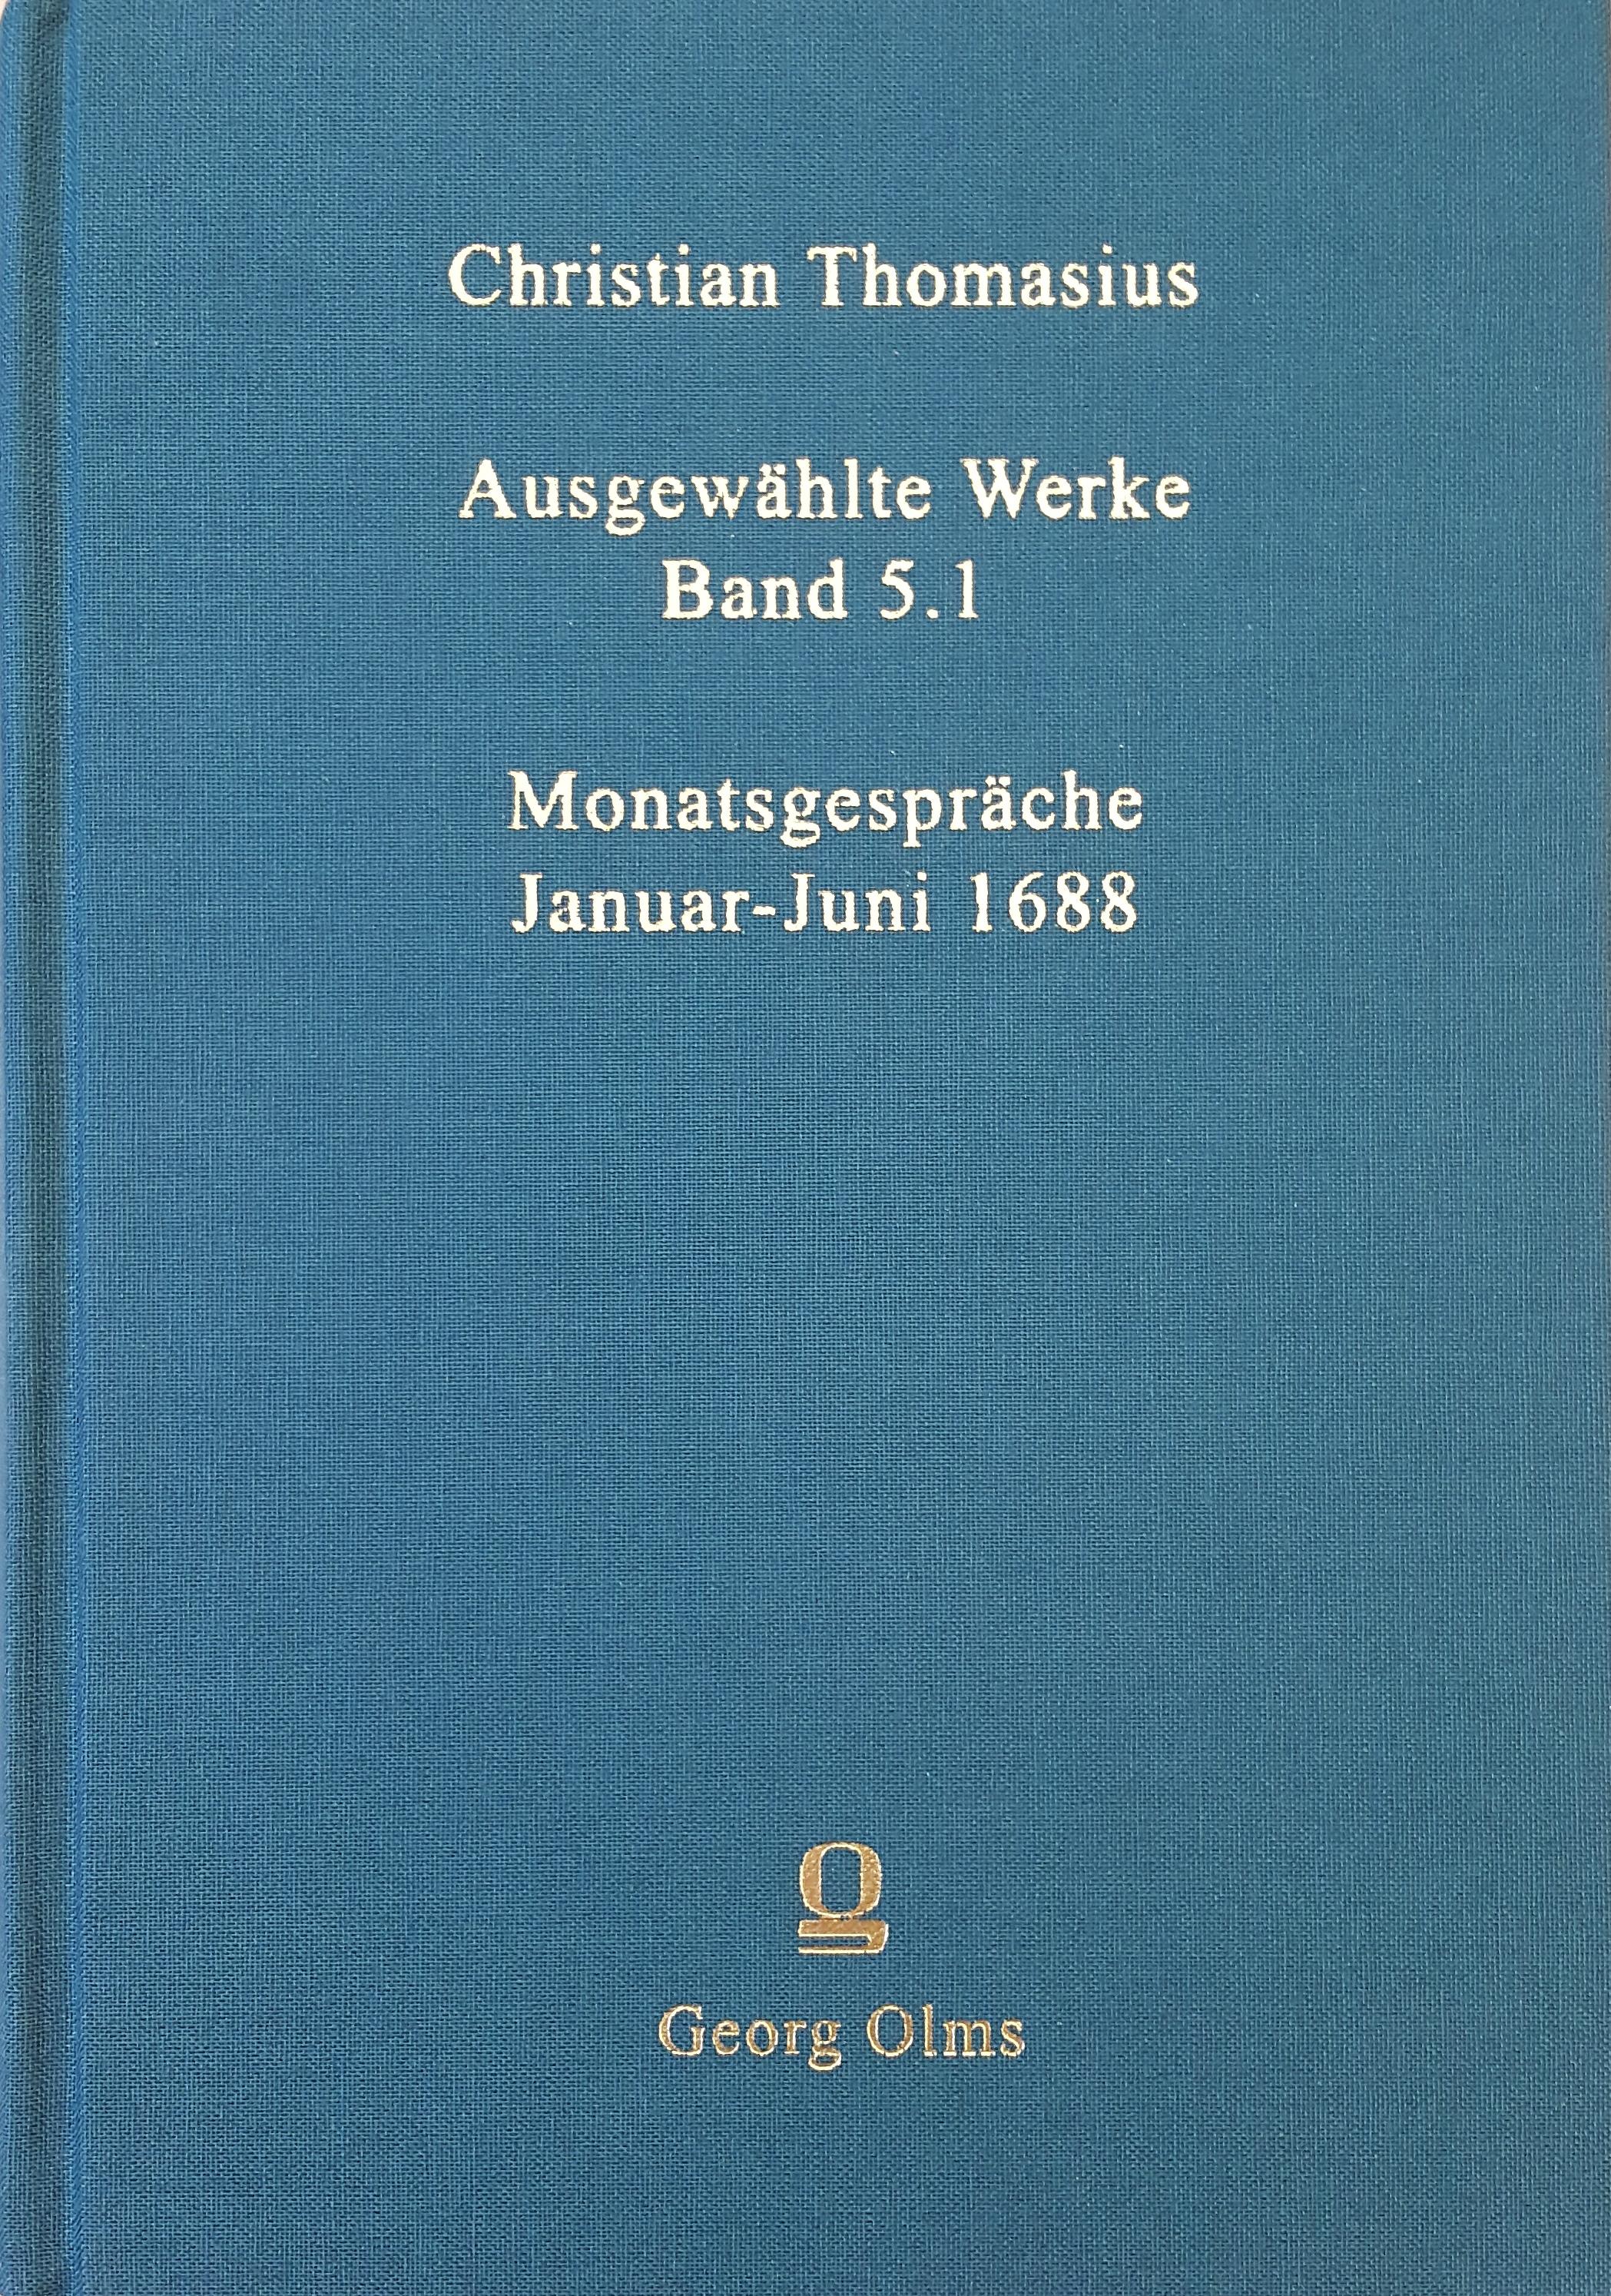 Christian Thomasius: Ausgewählte Werke, Bd. 5.1, Hildesheim/Zürich/New York 2015